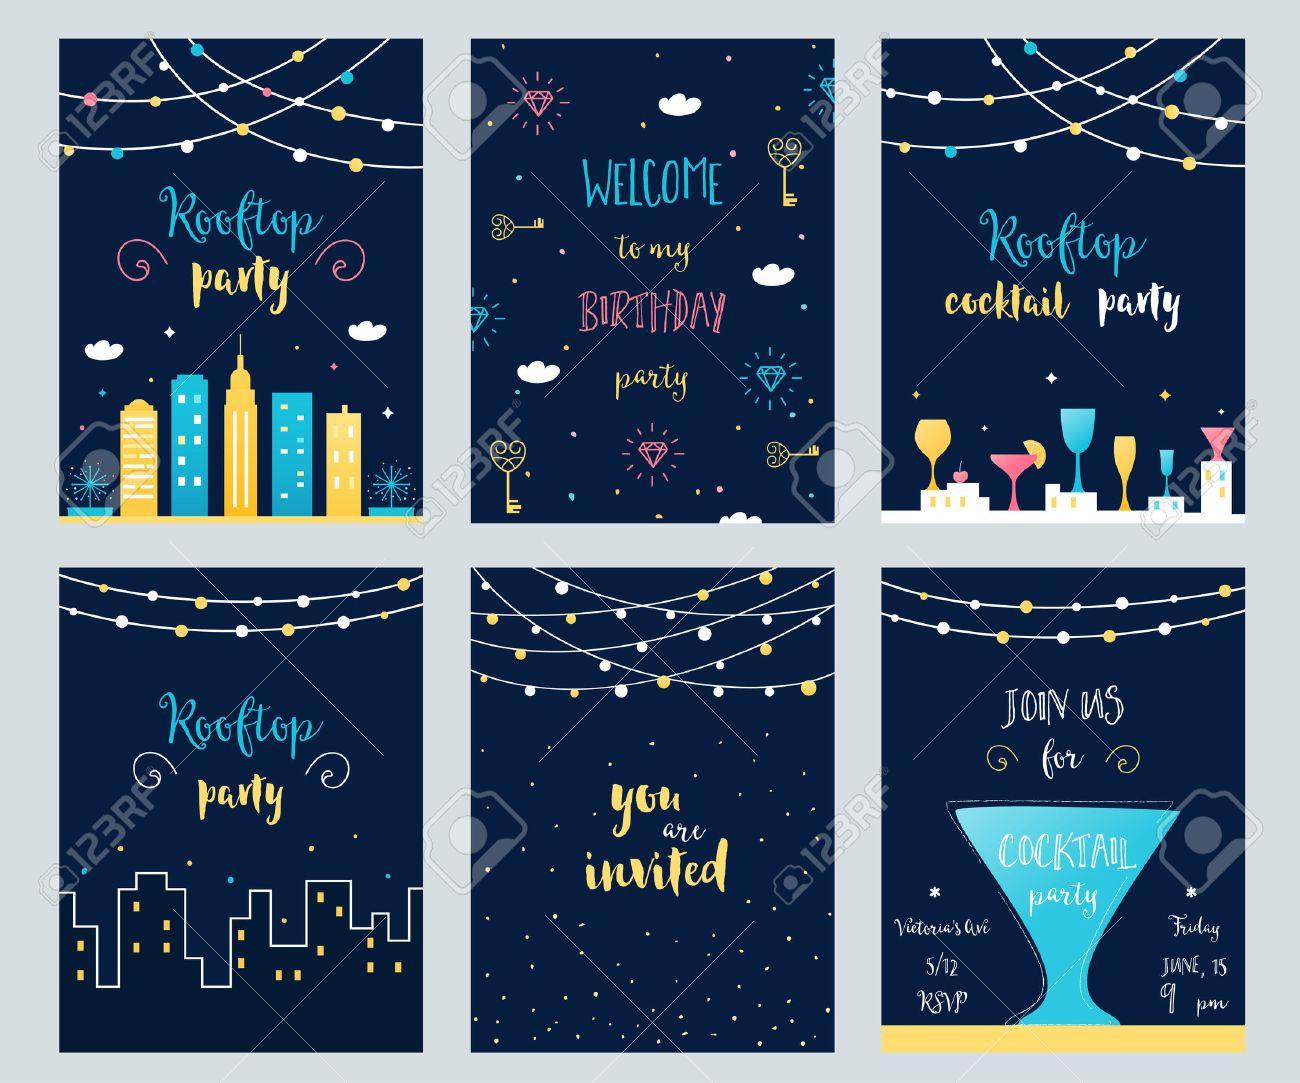 Vector Conjunto De Tarjetas De Invitación De Fiesta En La Azotea Cóctel Y Cumpleaños Con Guirnaldas De Luz